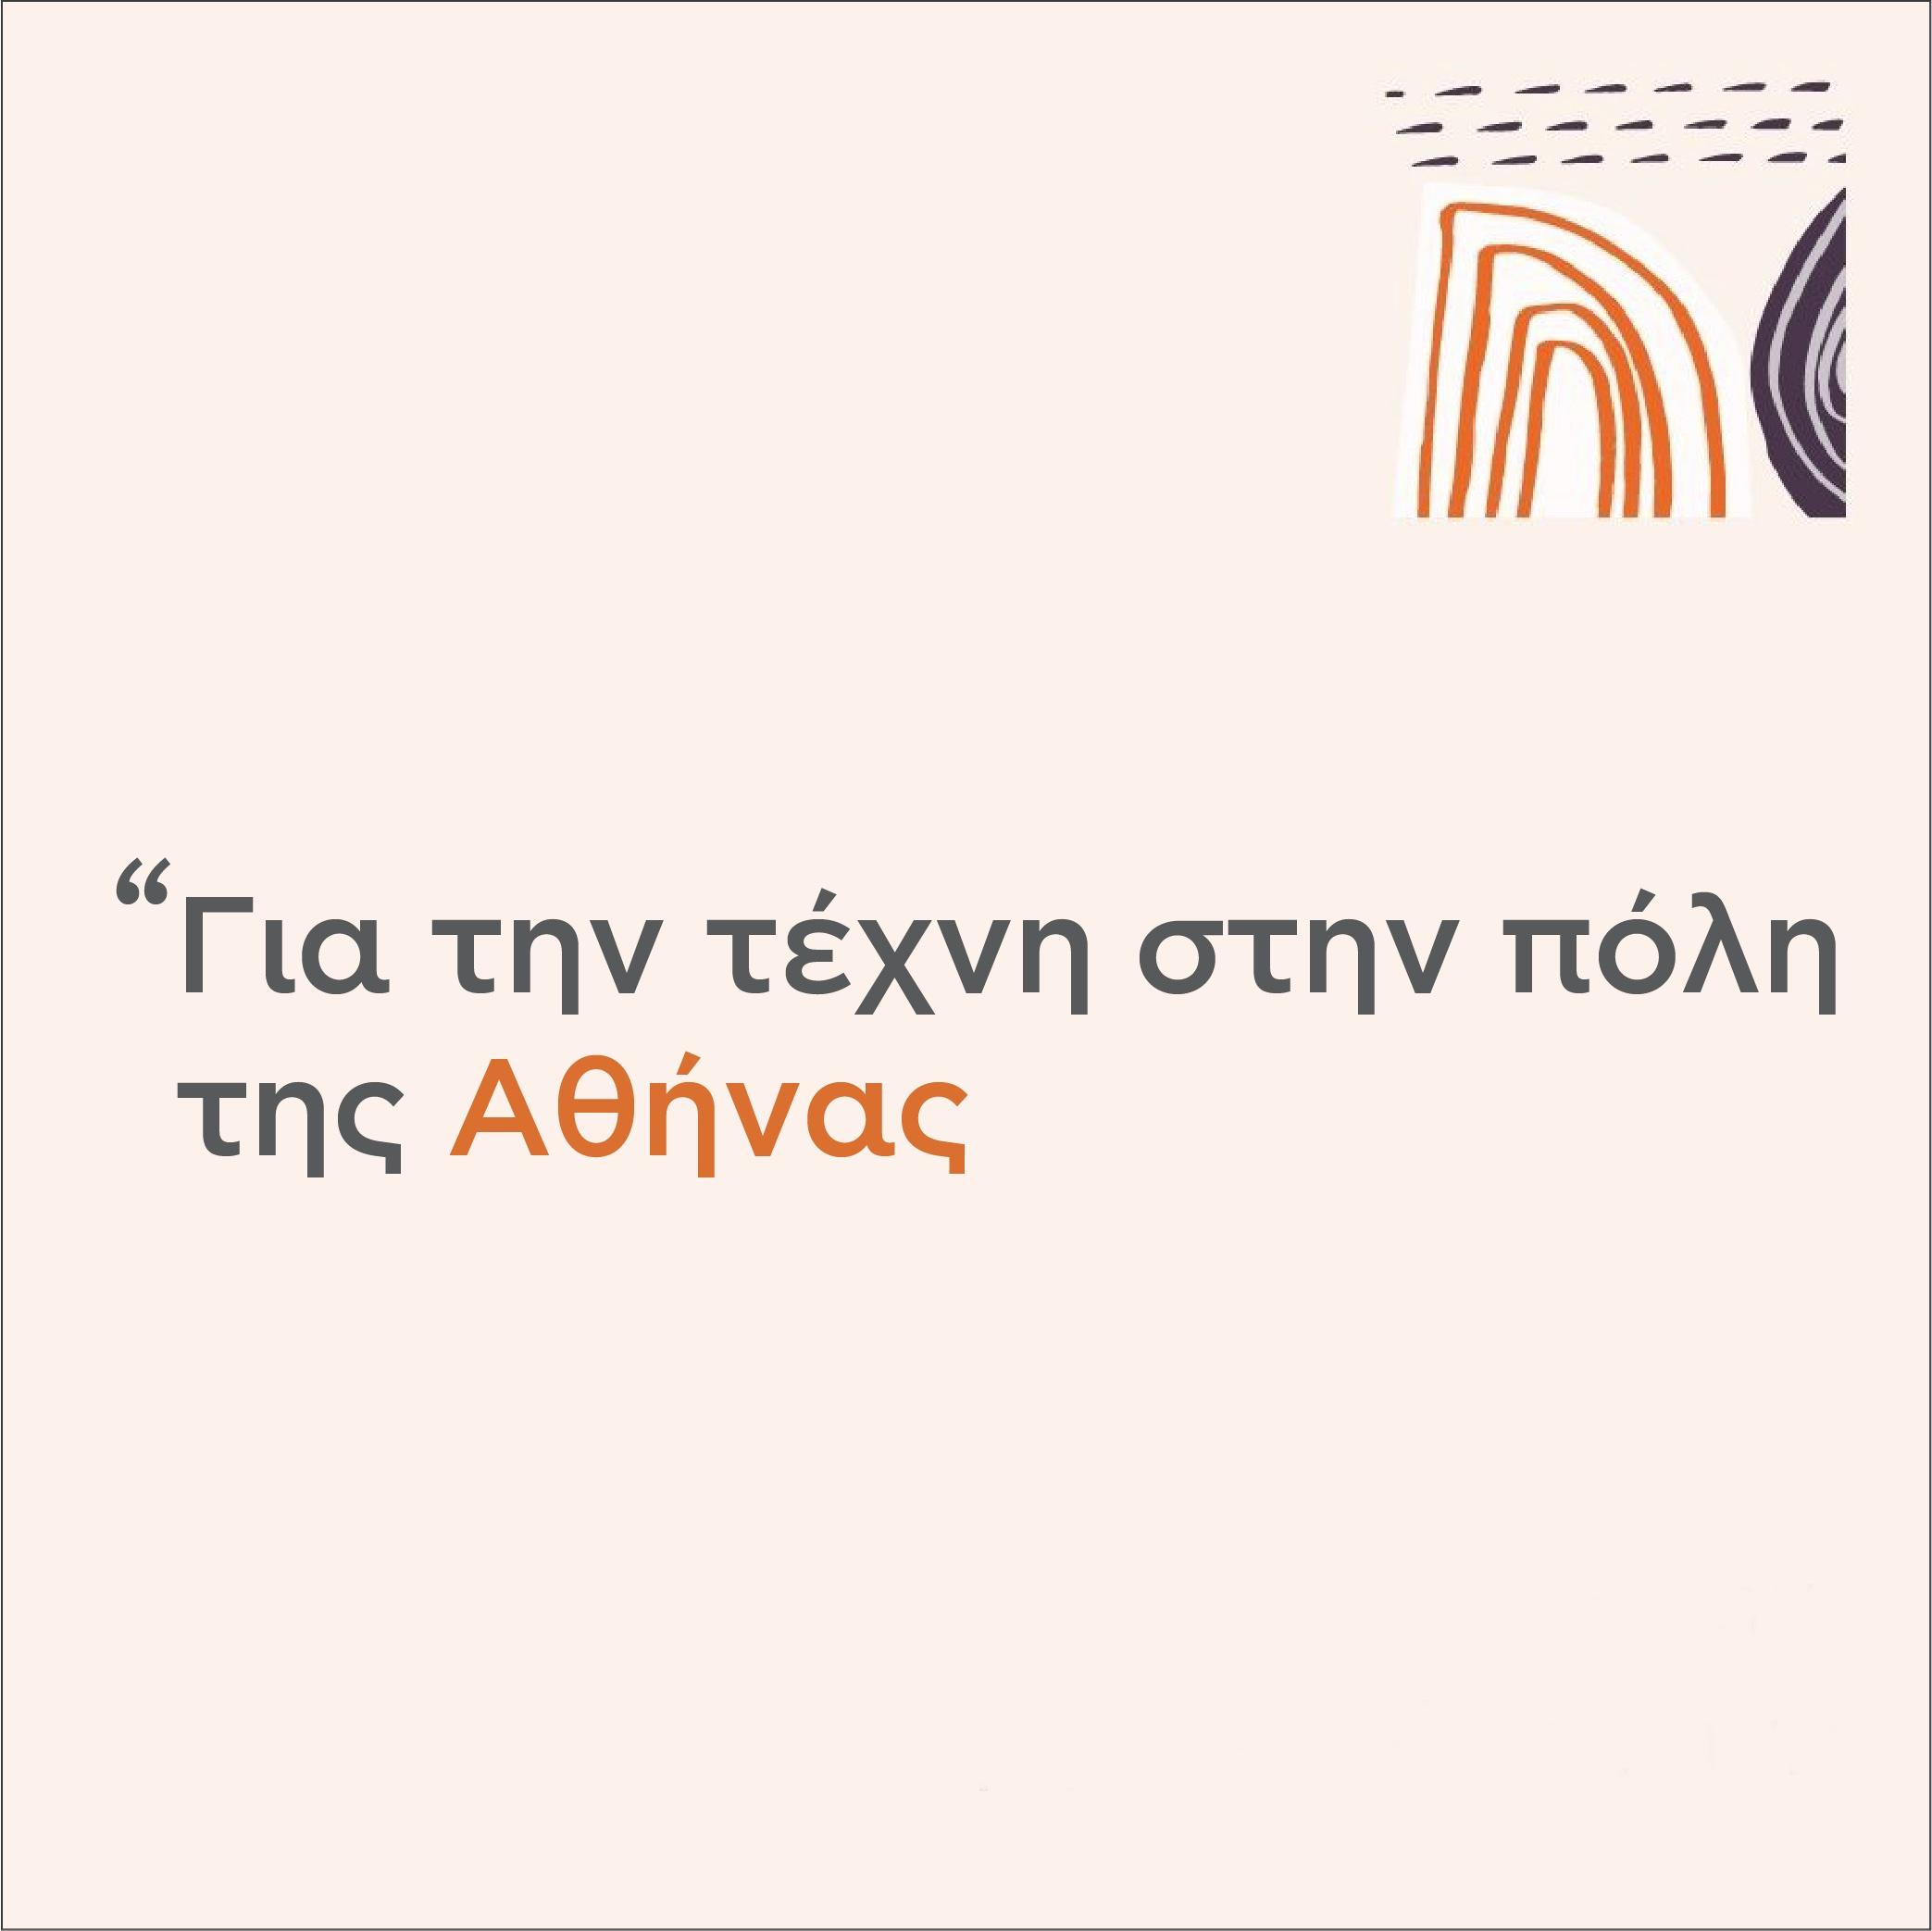 Για την τέχνη στην πόλη της Αθήνας